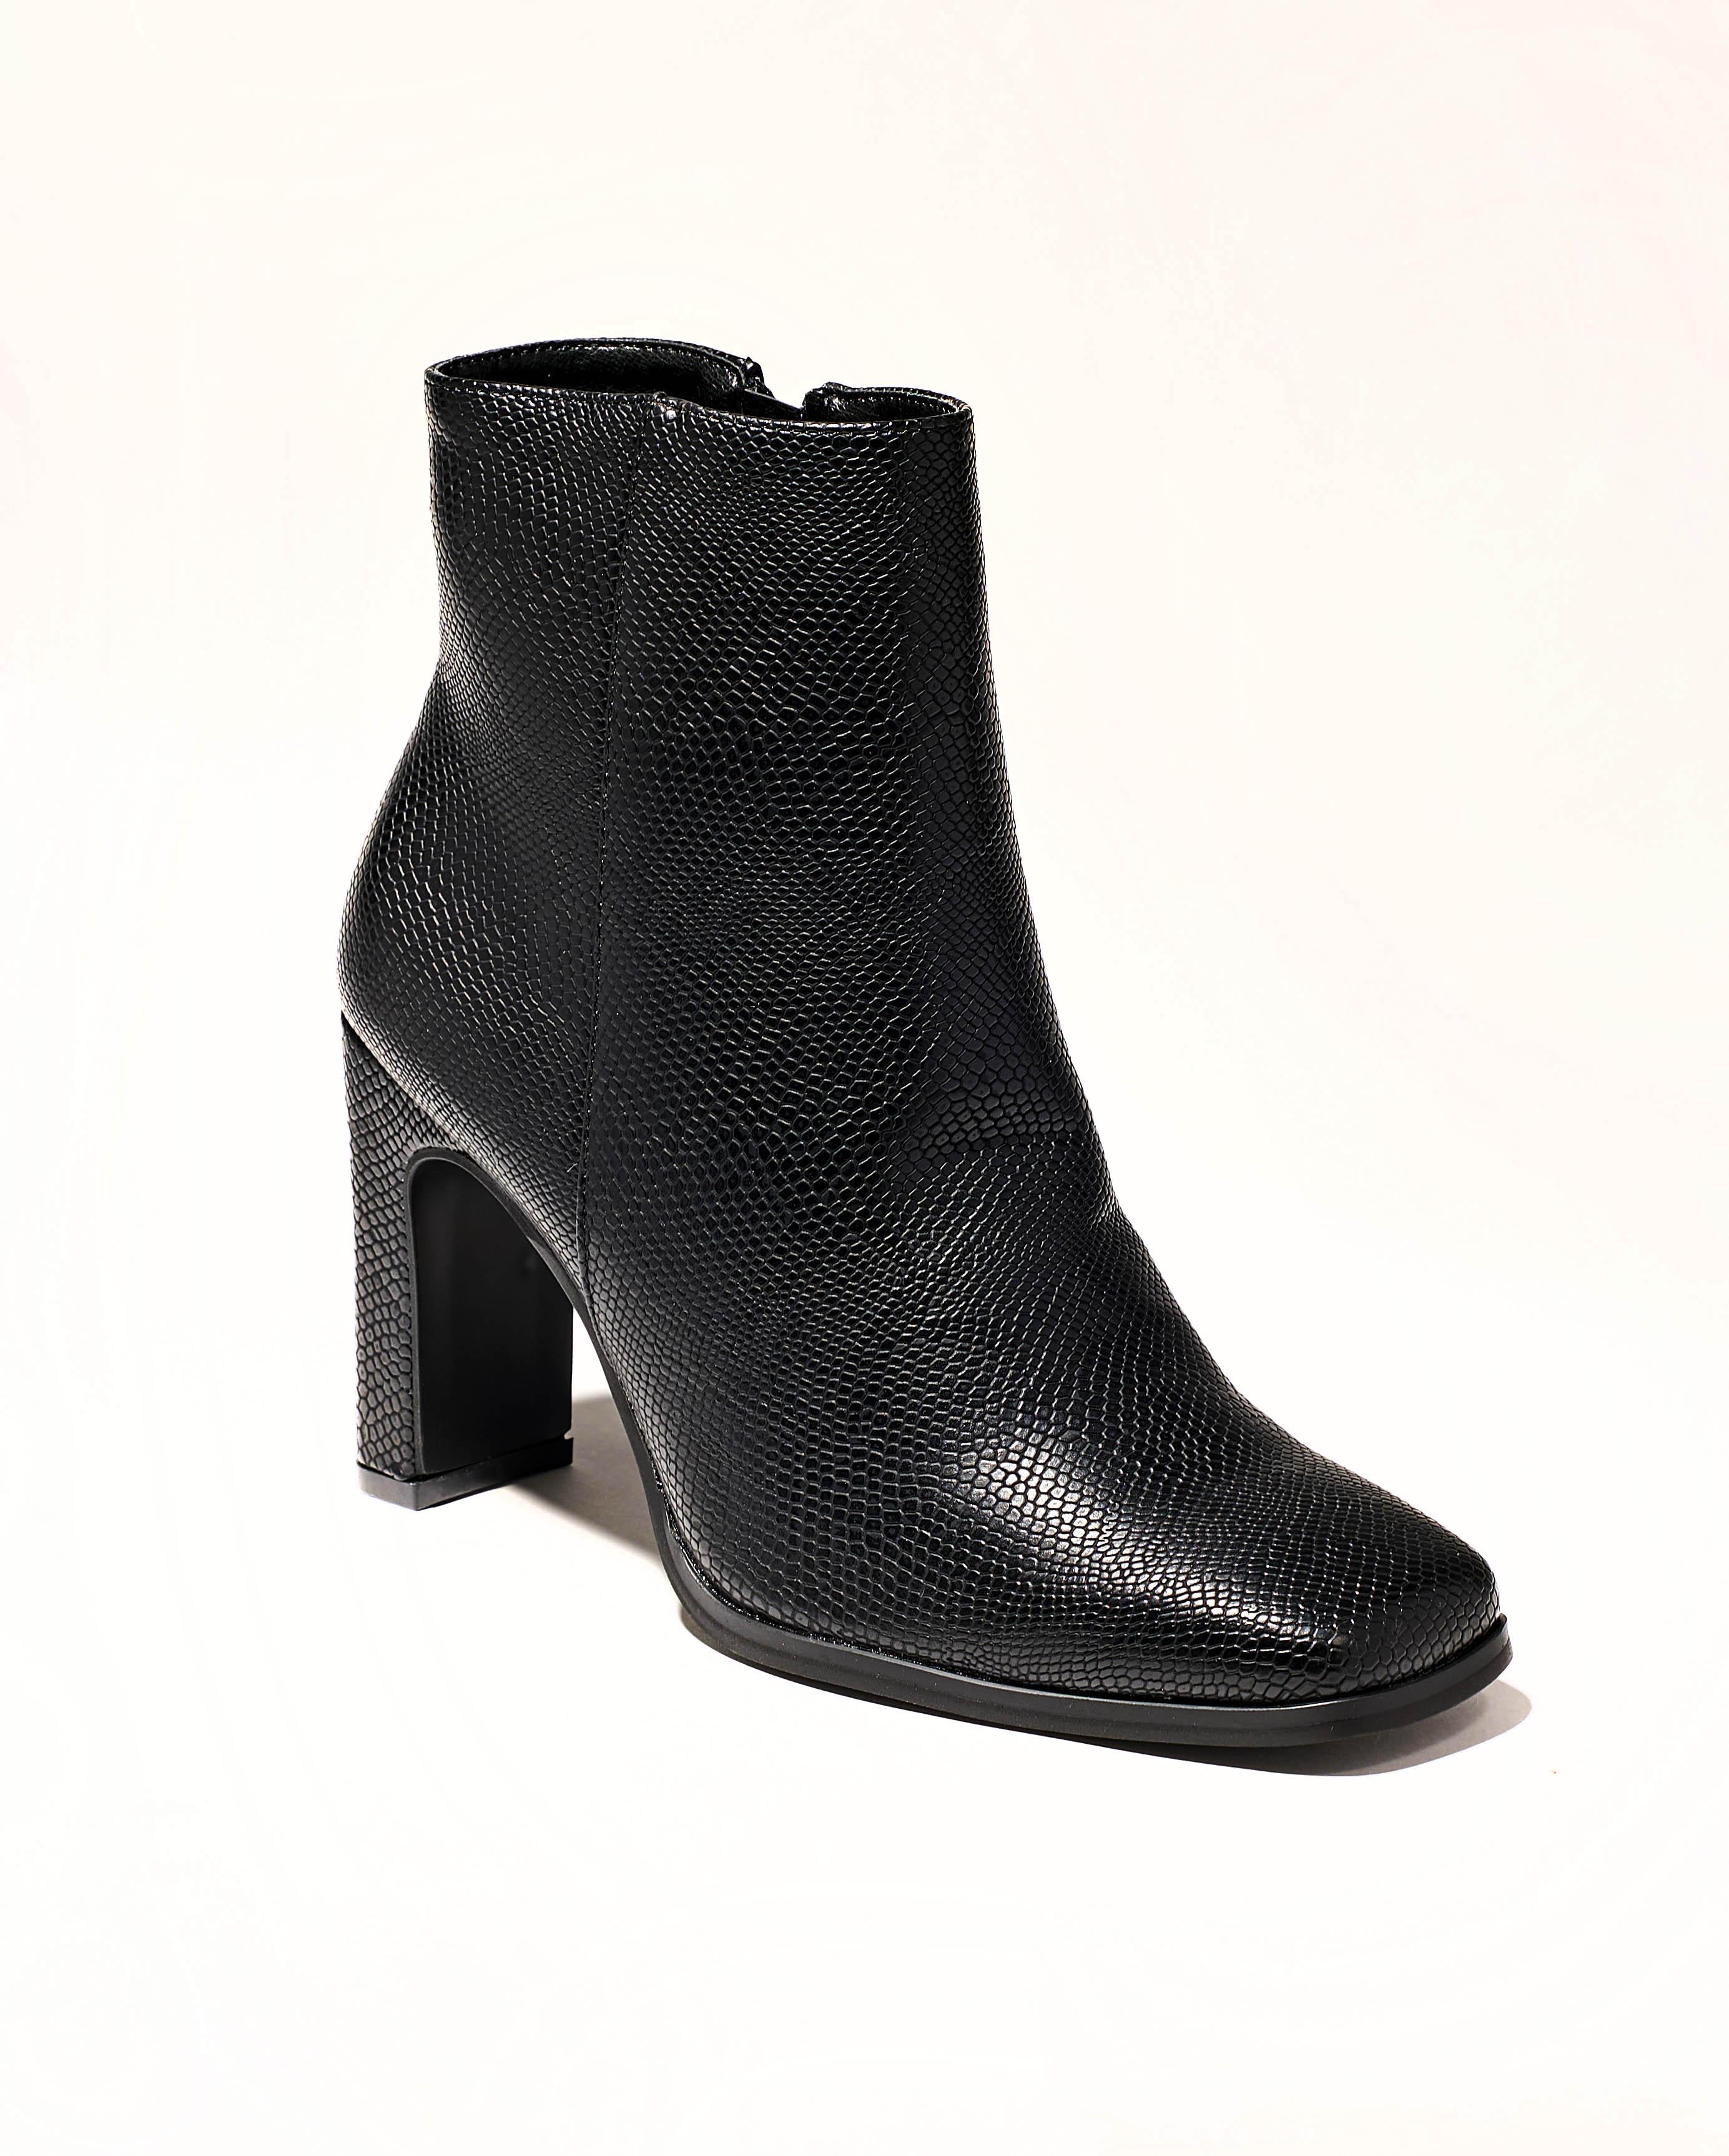 Boots Femme - Boots Noir Jina - 9377-2